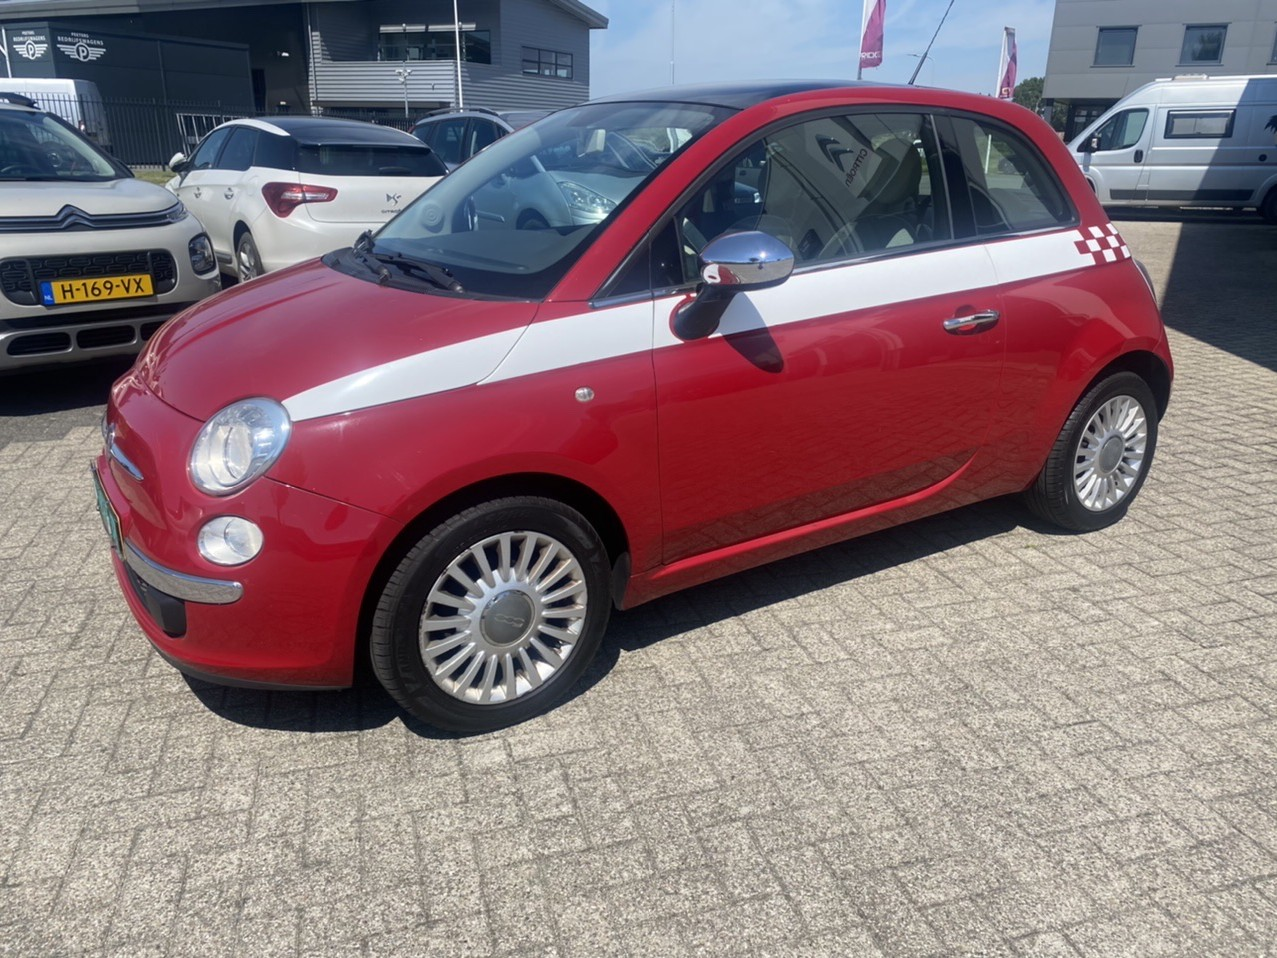 Fiat 500 1.2 lounge panoramadak rijklaar prijs